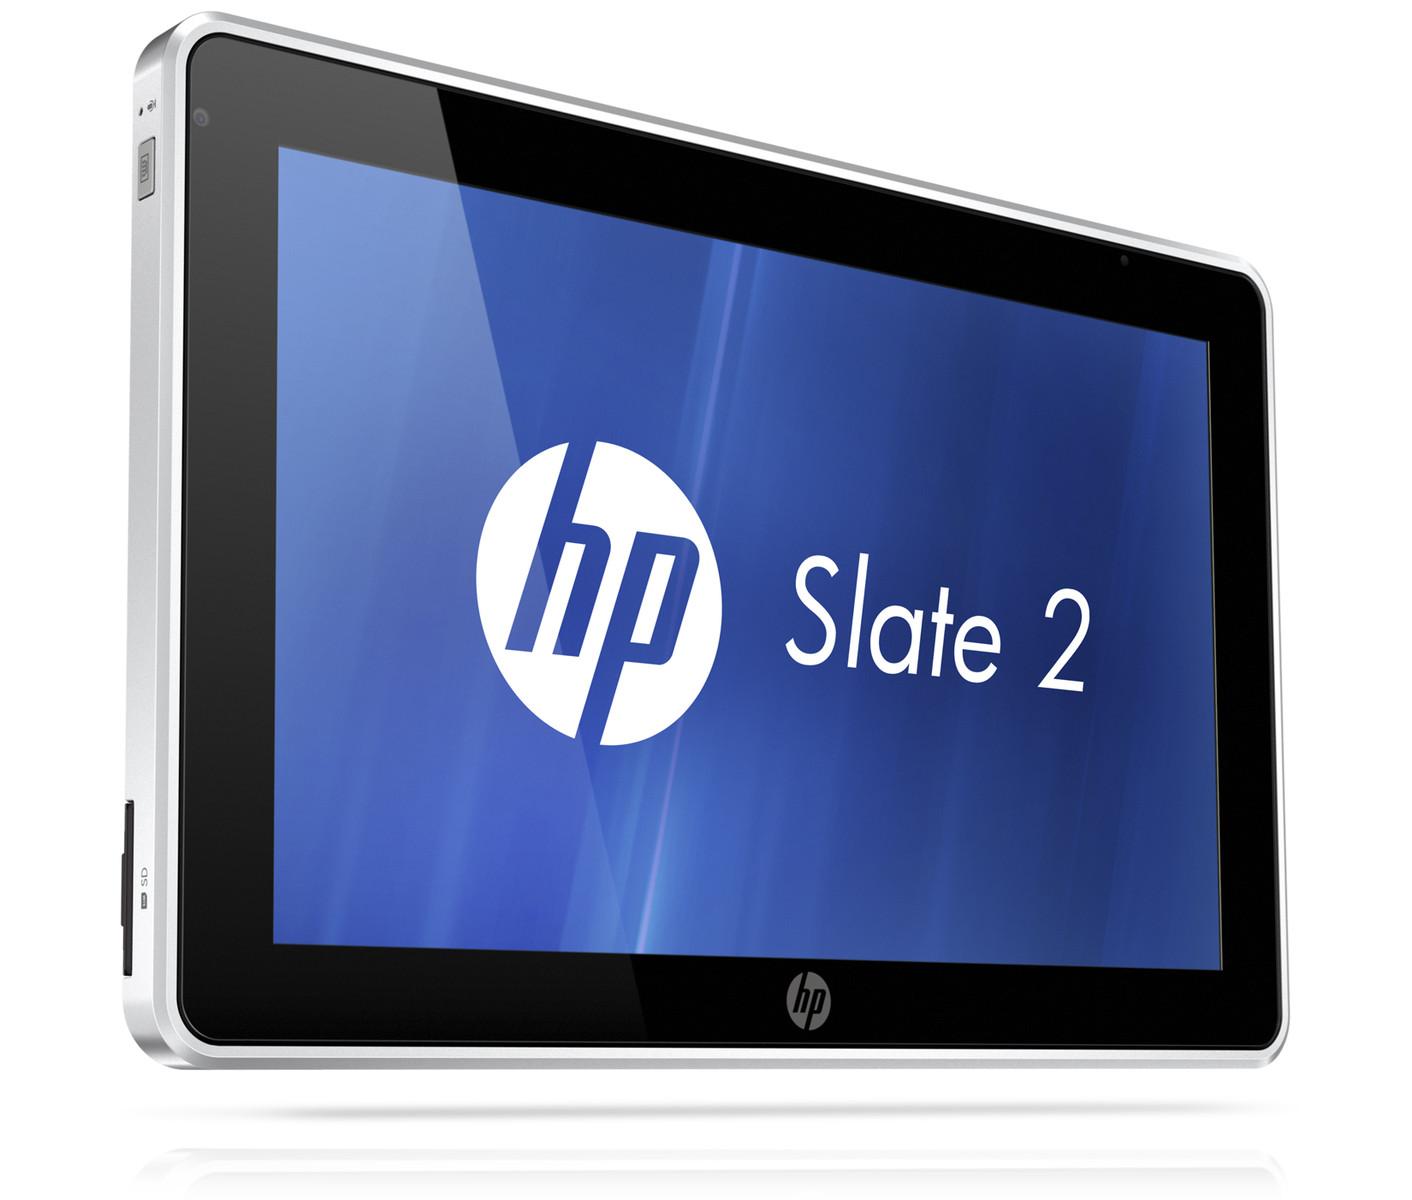 hp slate 2 tablet mit windows 7 vorgestellt. Black Bedroom Furniture Sets. Home Design Ideas